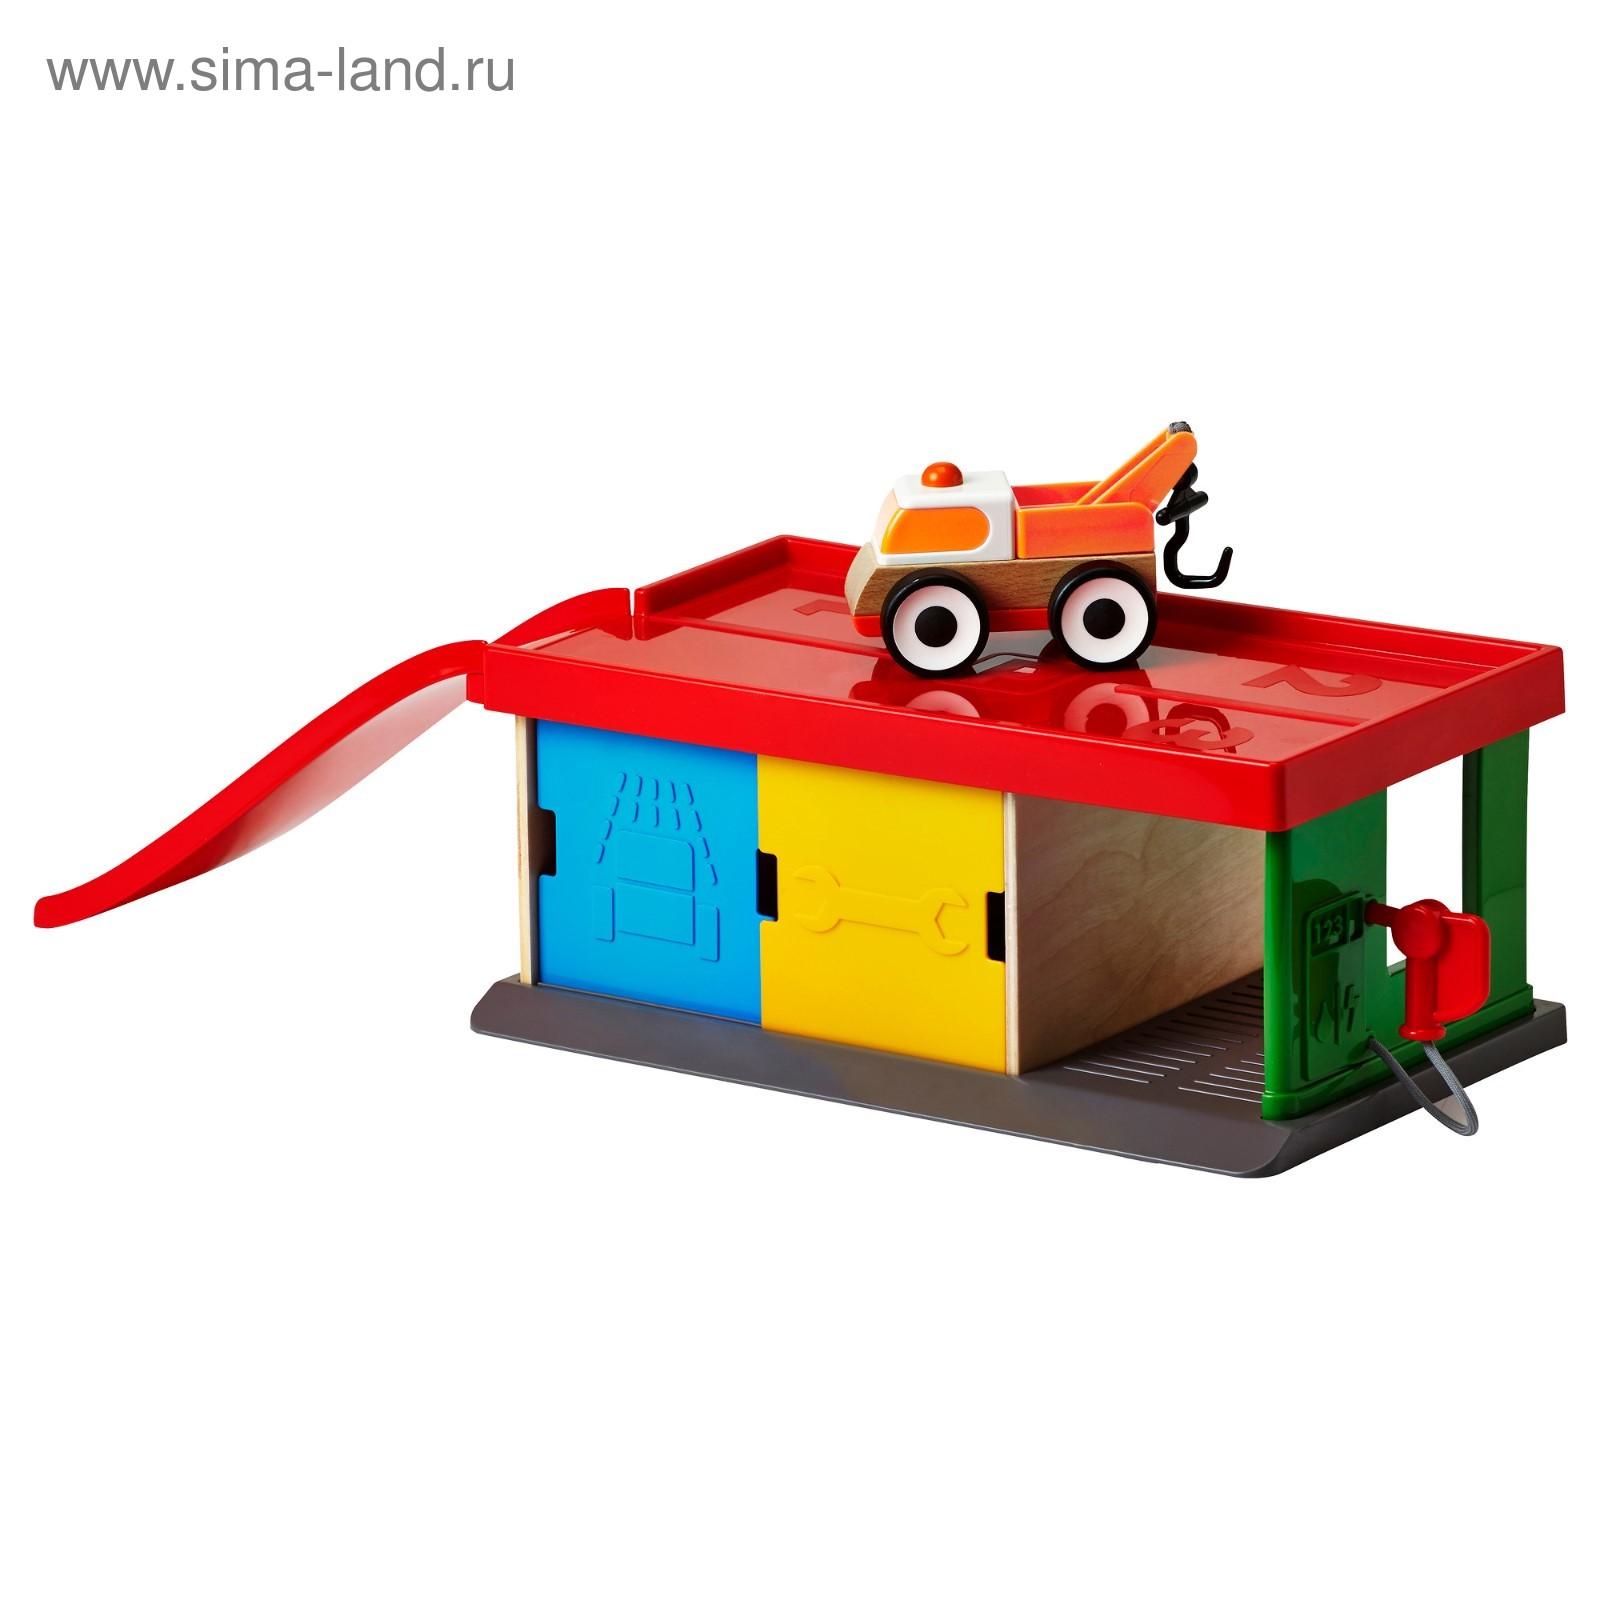 Купить гараж игрушка купить гараж в нижнего новгорода